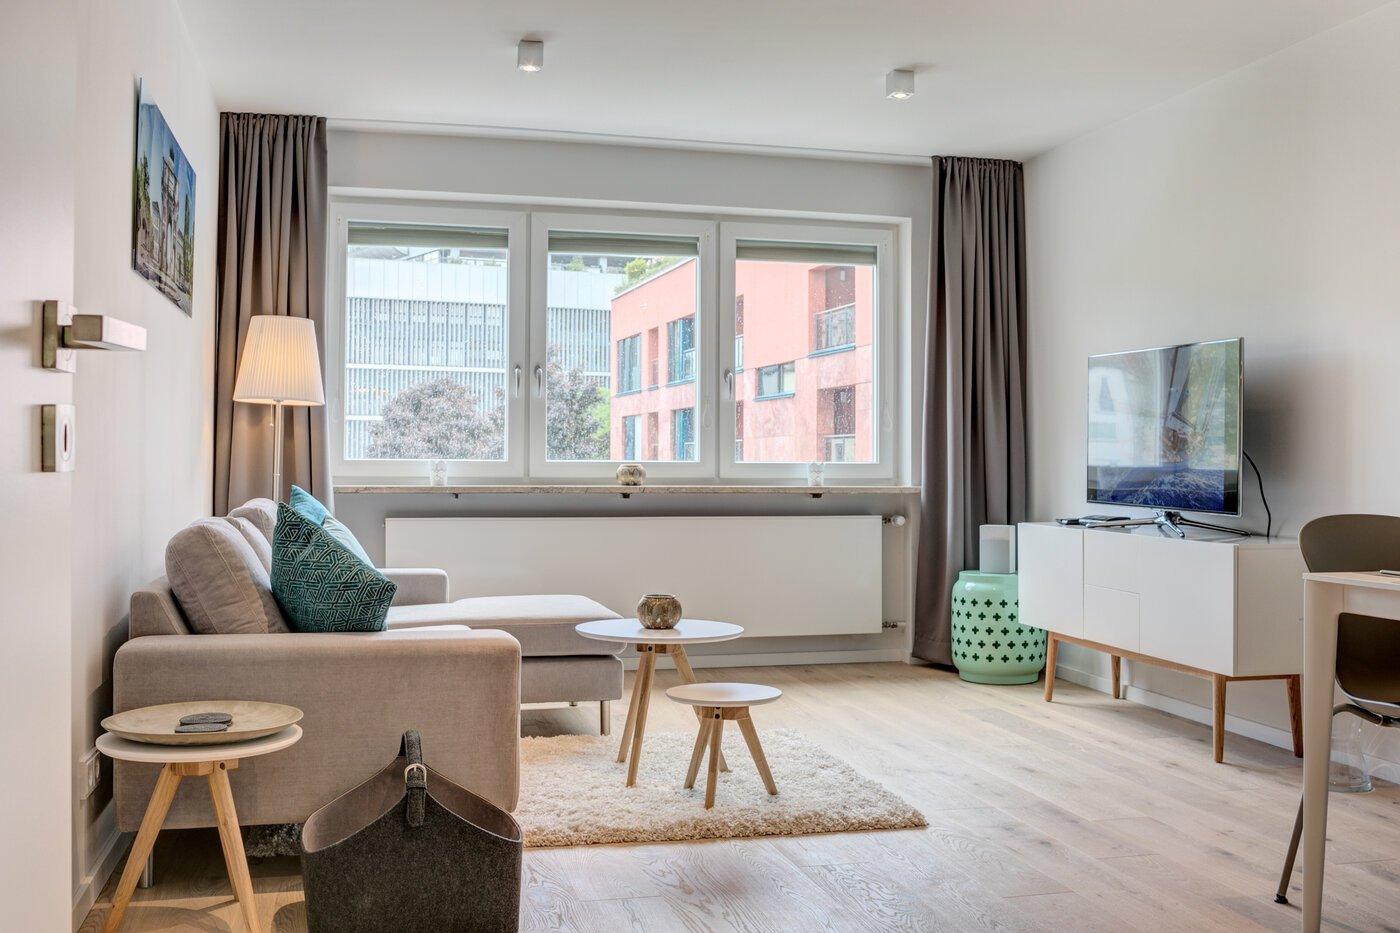 2 zimmer wohnung m bliert balkon m nchen schwabing 10601. Black Bedroom Furniture Sets. Home Design Ideas